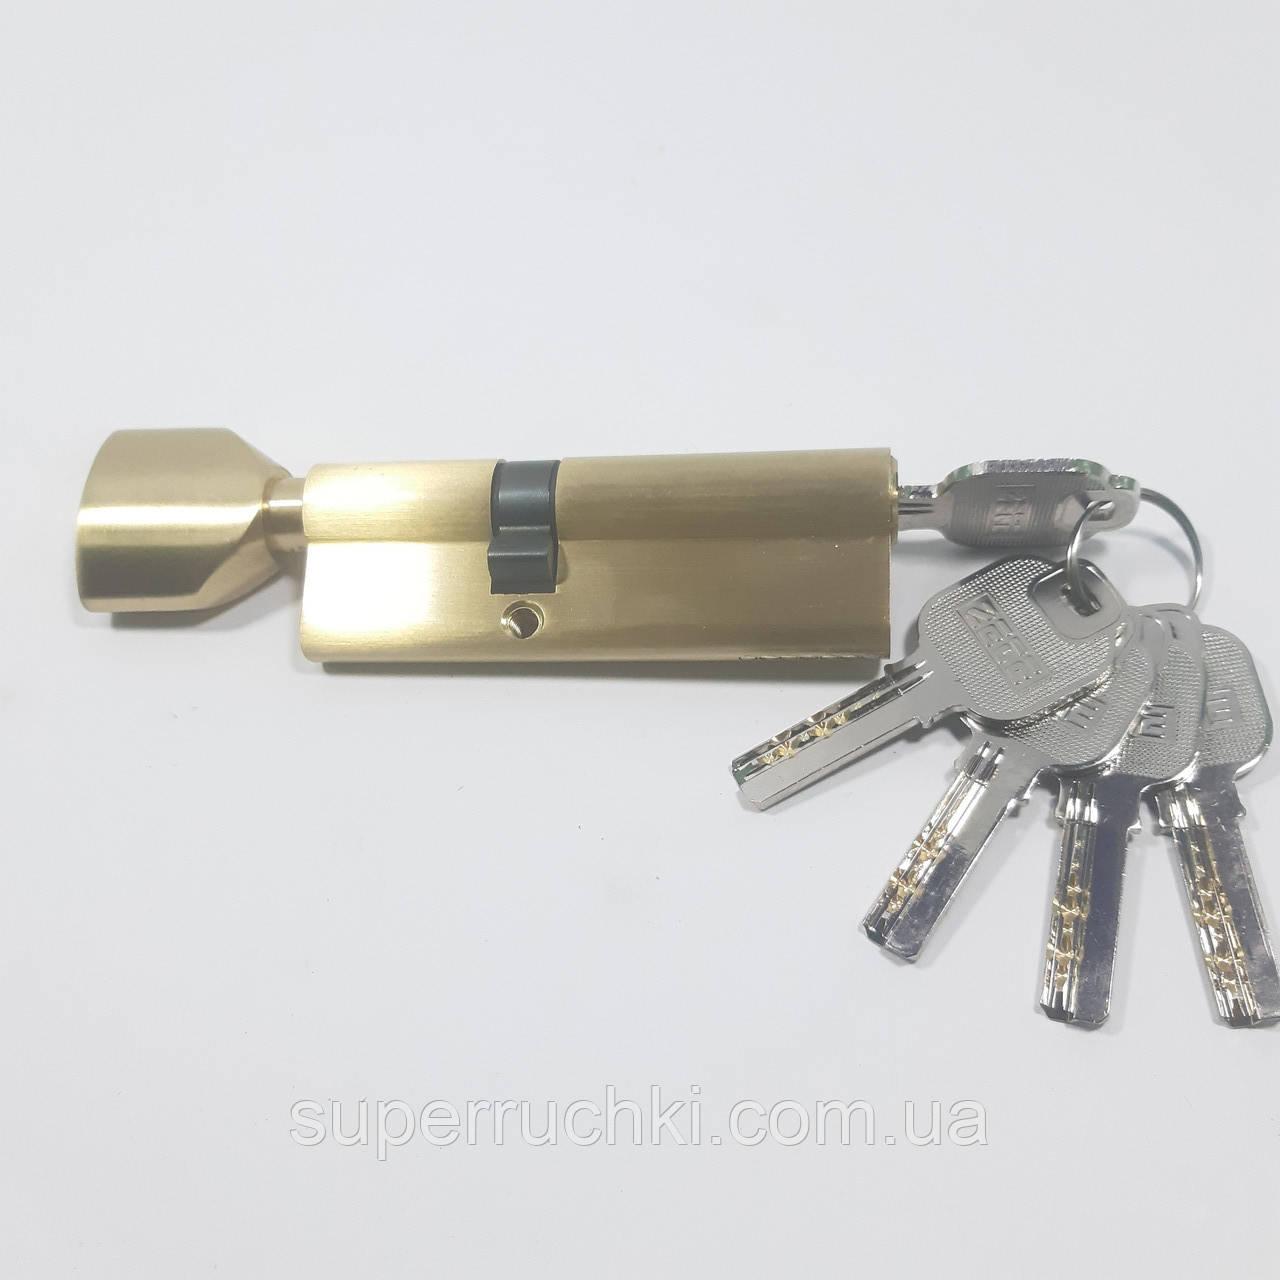 Цилиндровый механизм ZETE 90 мм (35*55) GP (матовое золото)